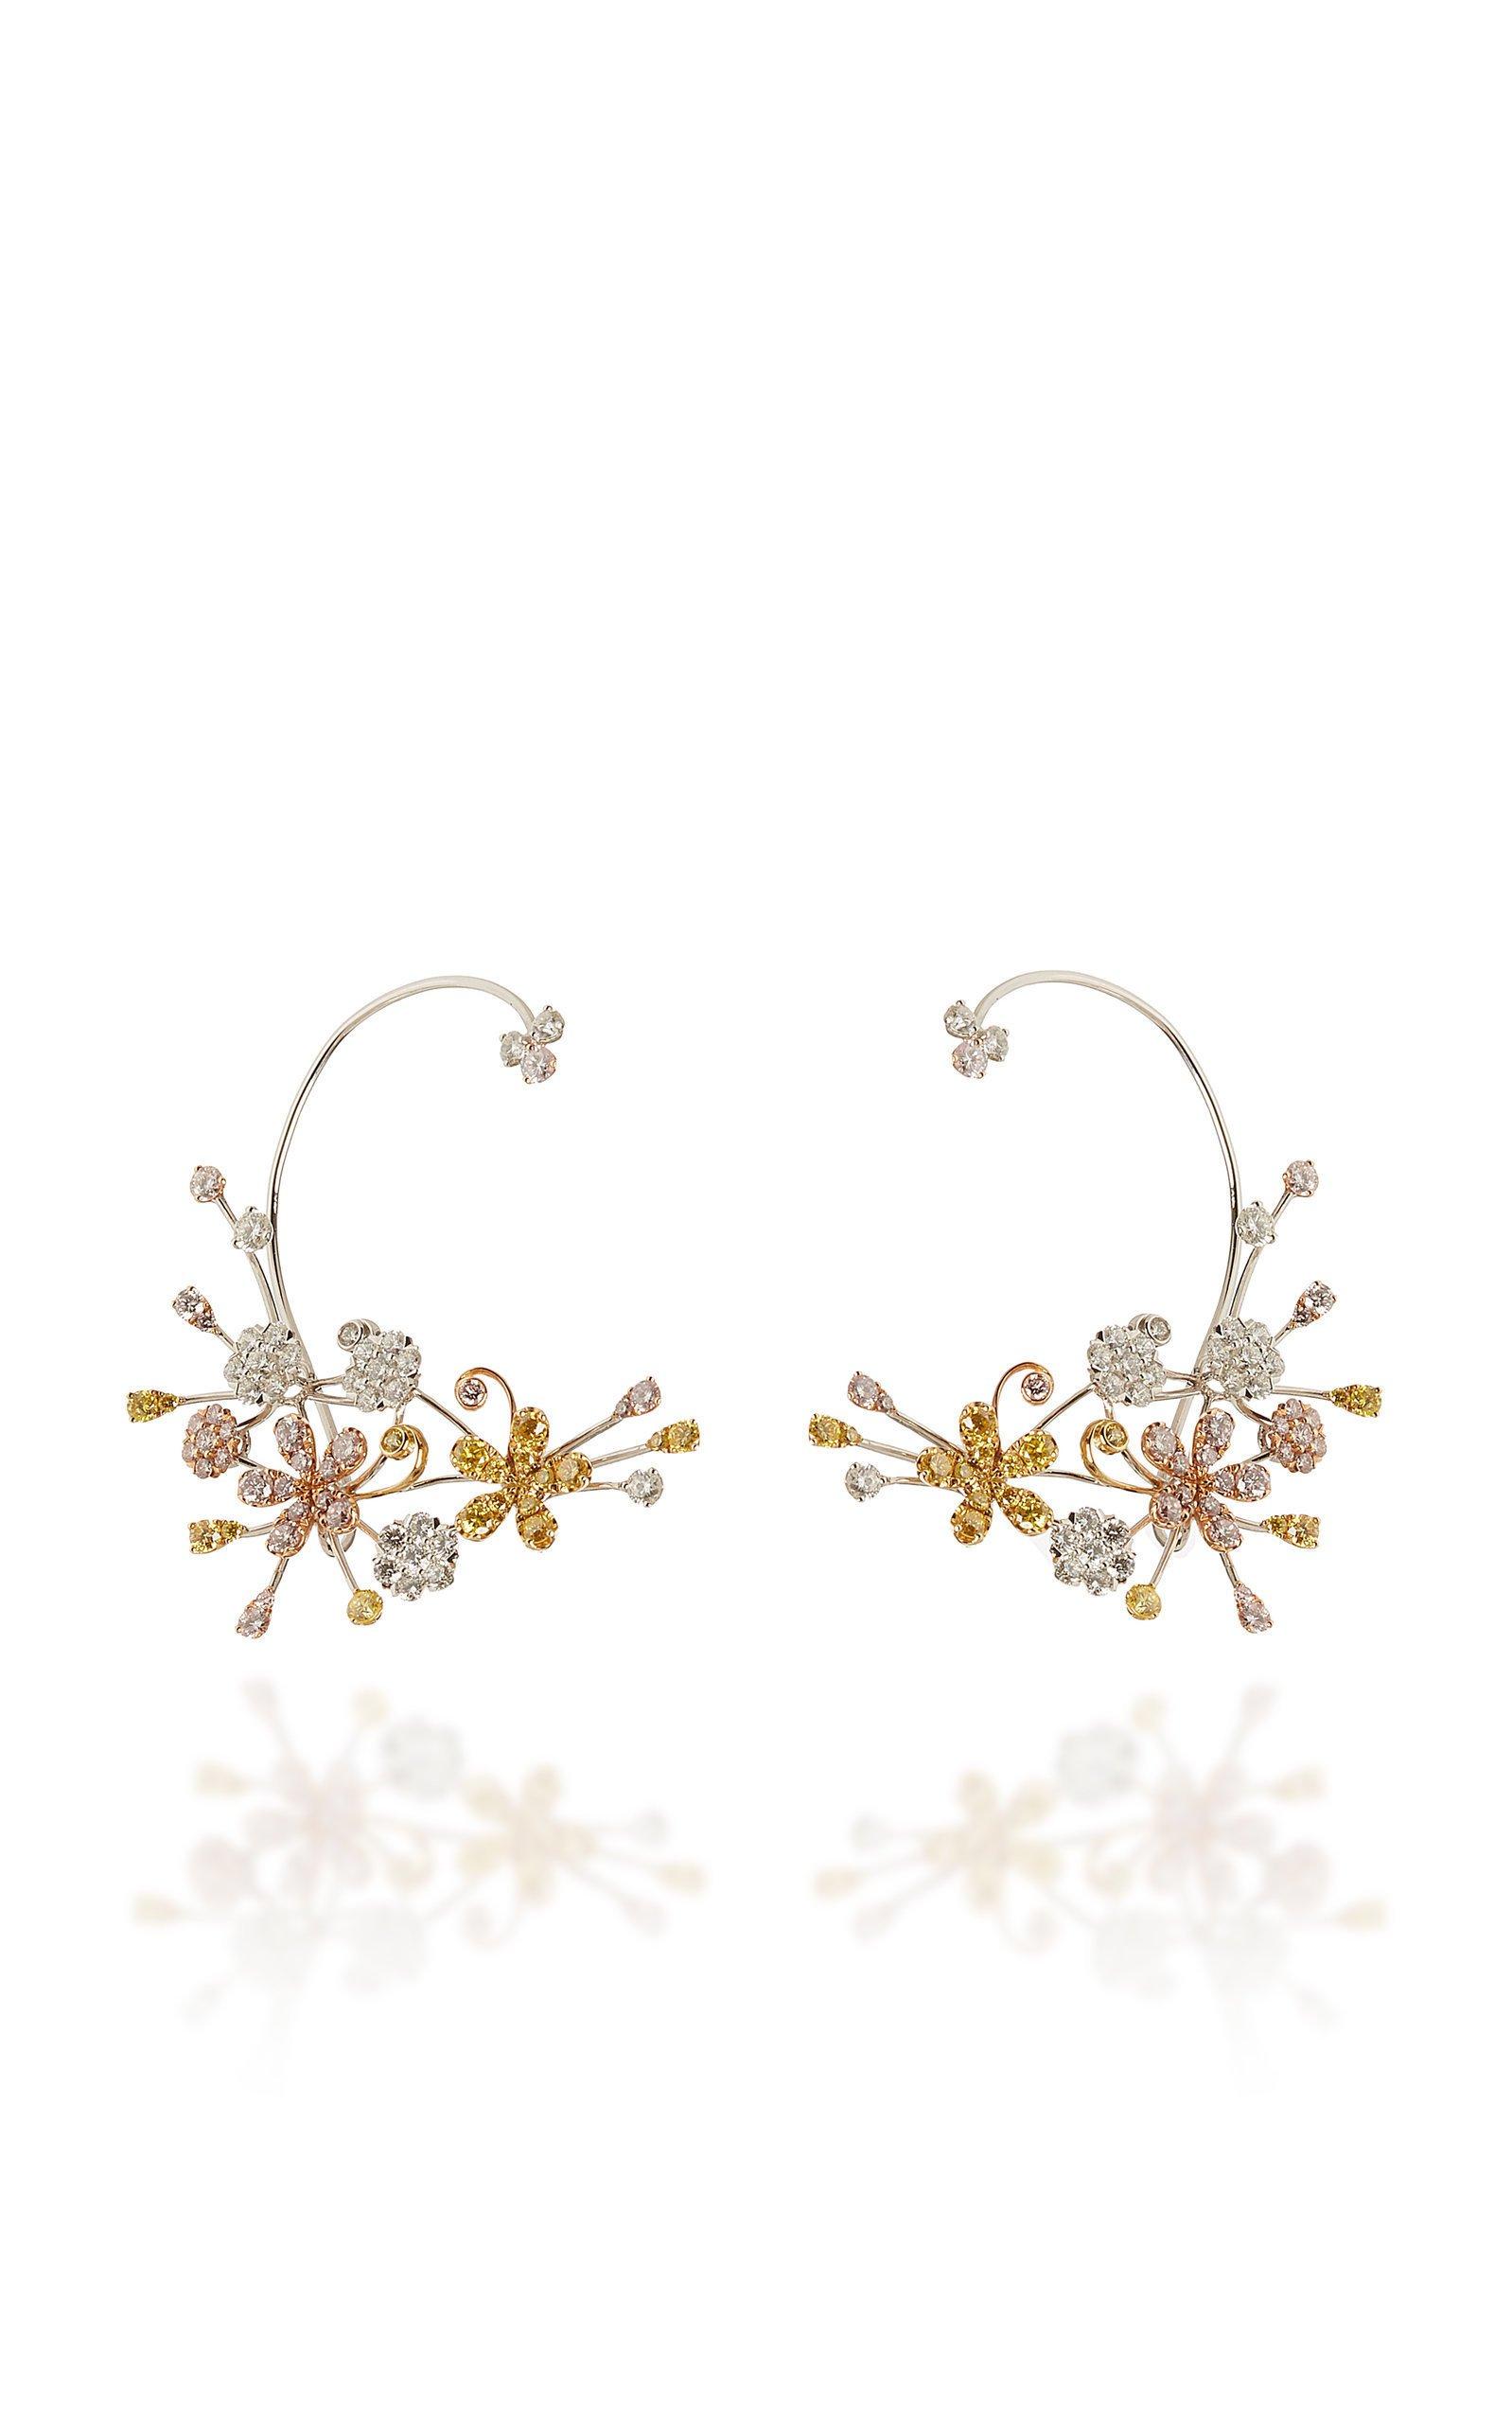 David Morris Cherry Blossom Earrings